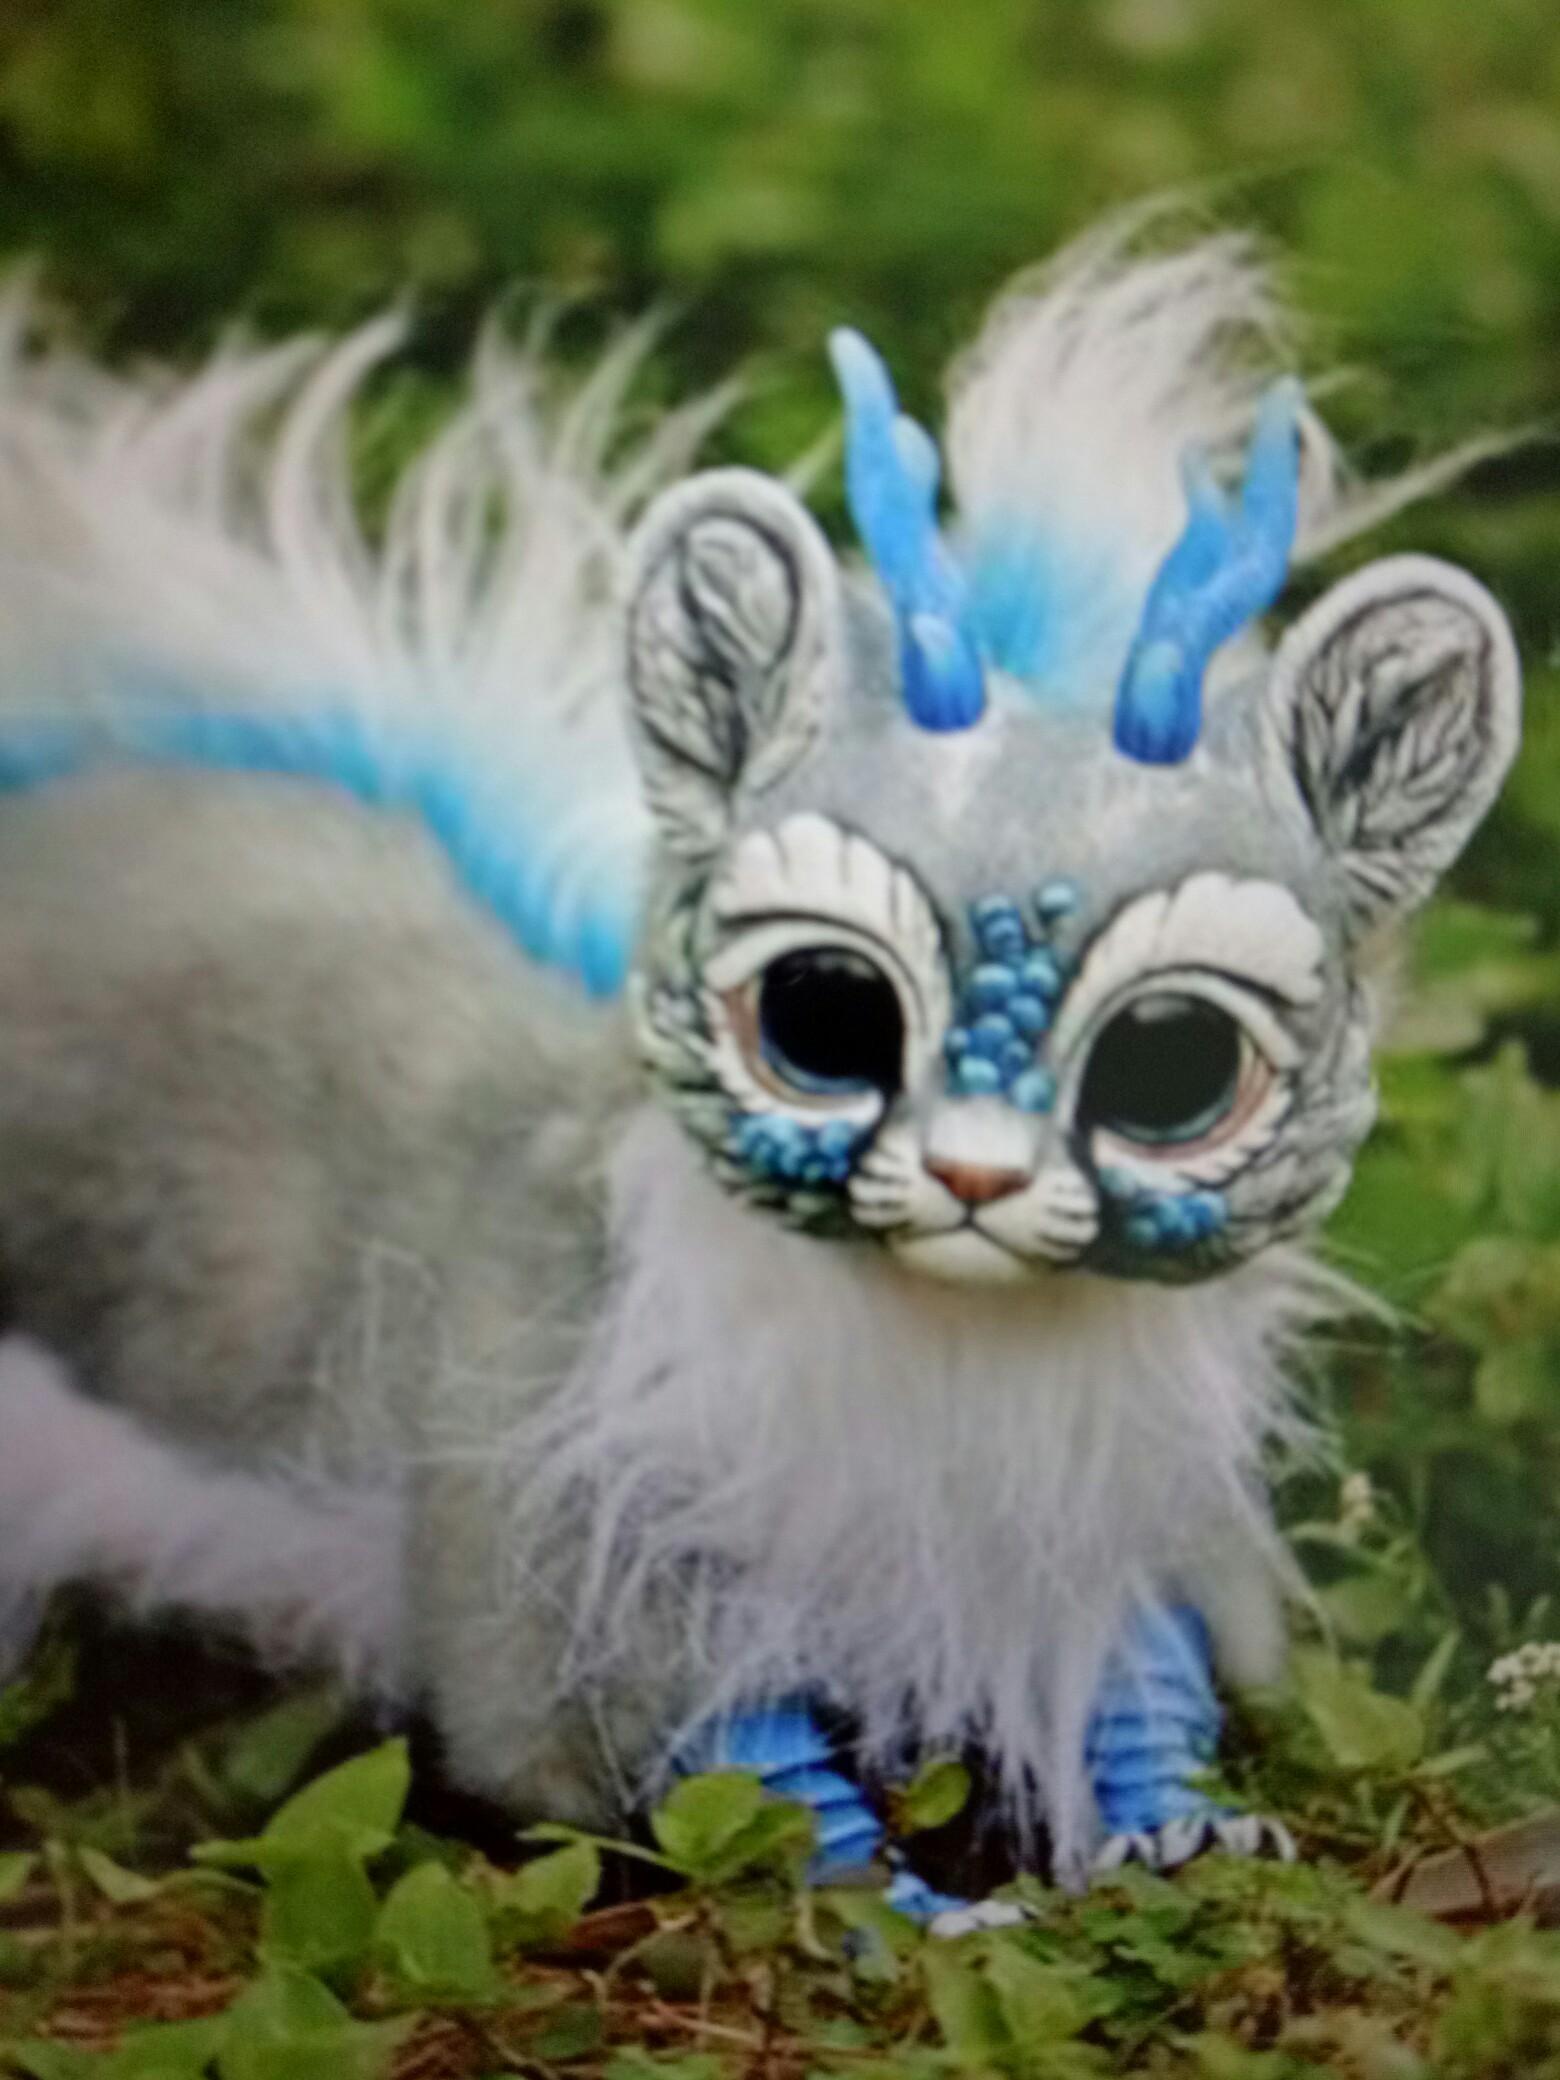 最萌表情包##萌宠日记#一些可爱的小动物,萌萌的.